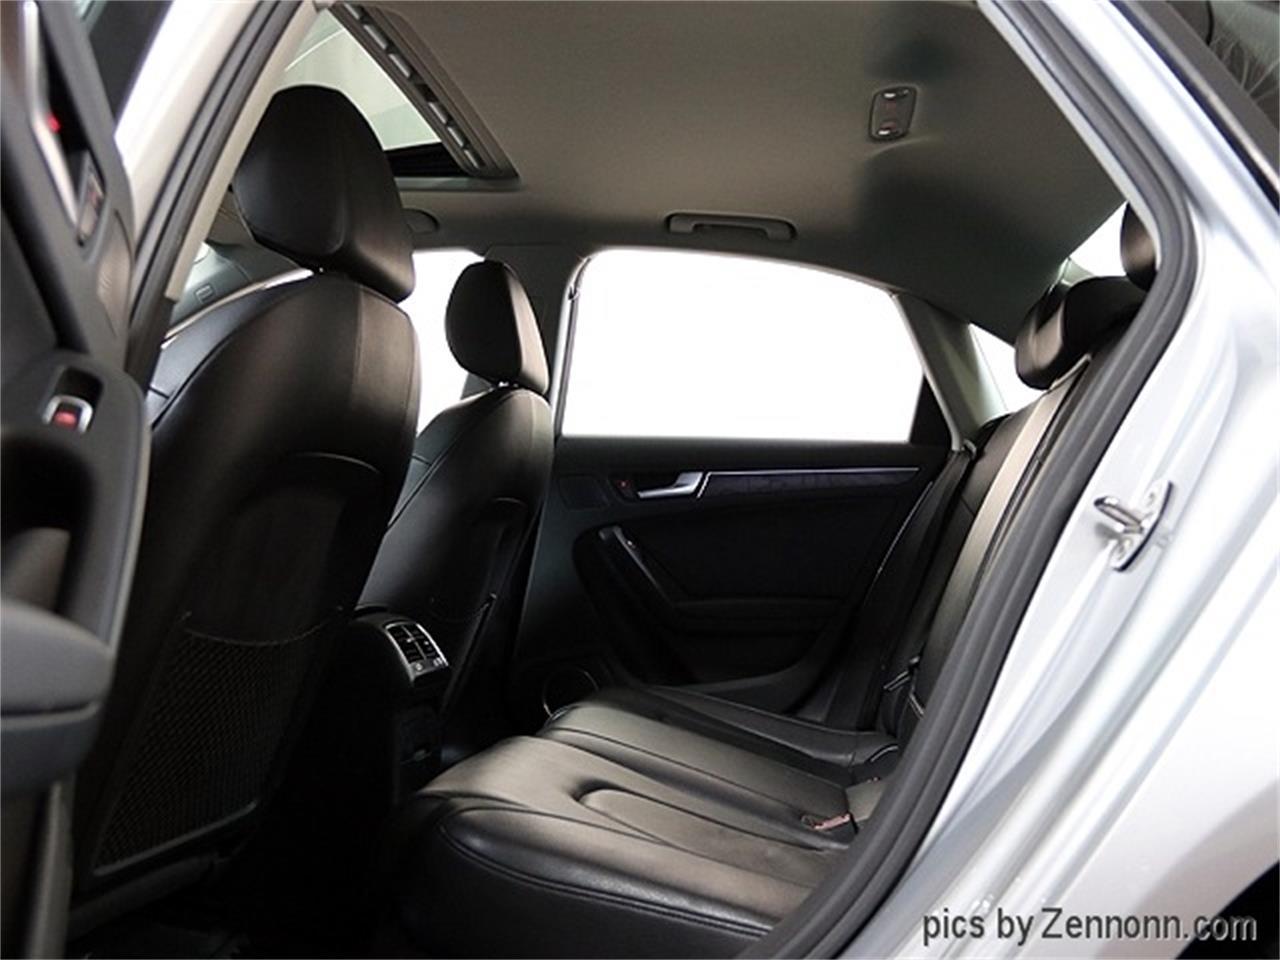 2013 Audi A4 (CC-1316337) for sale in Addison, Illinois